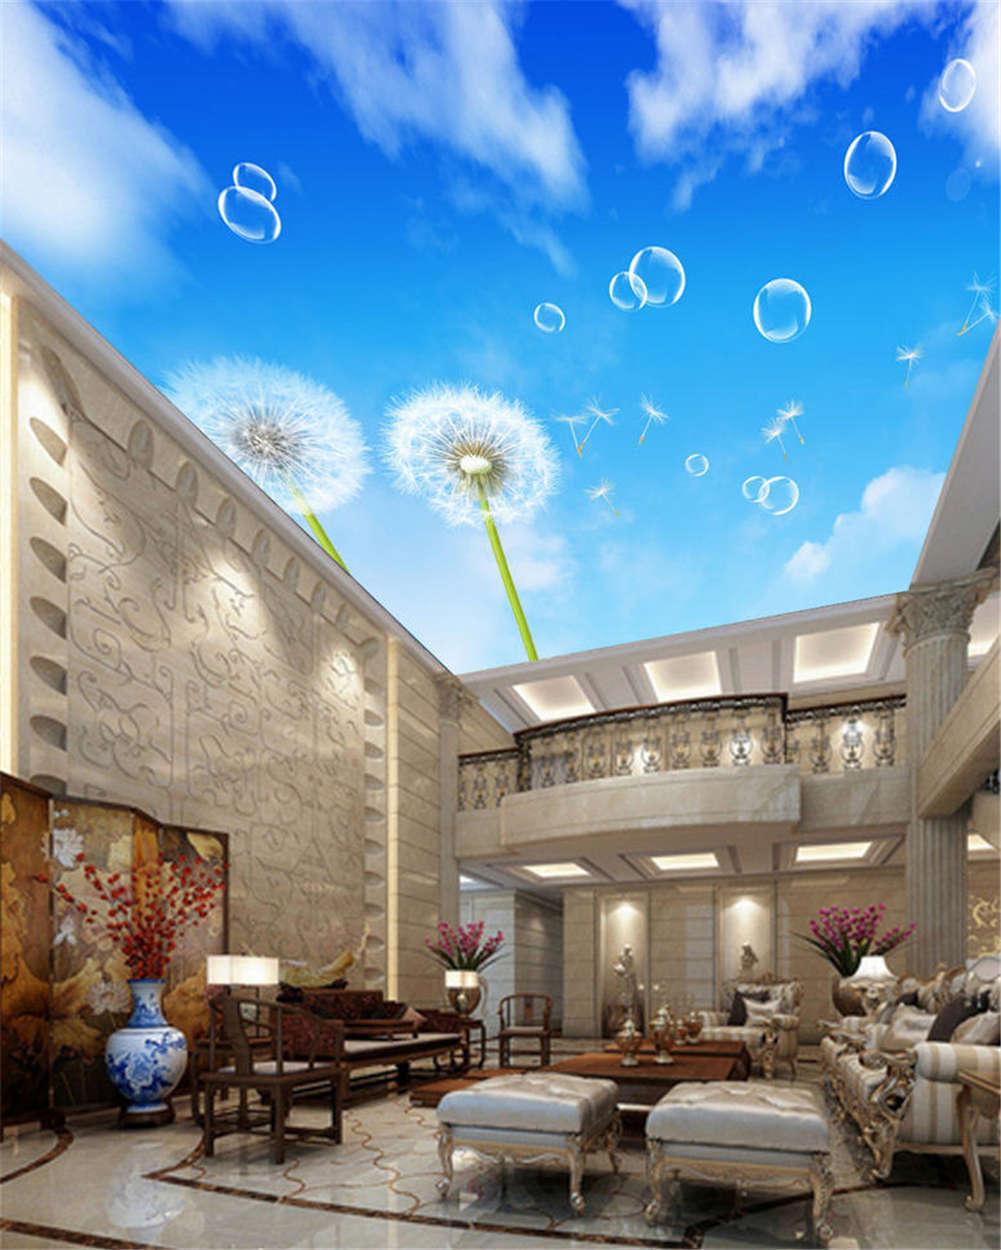 Azure Vast Dandelion 3D Ceiling Mural Full Wall Photo Wallpaper Print Home Decor